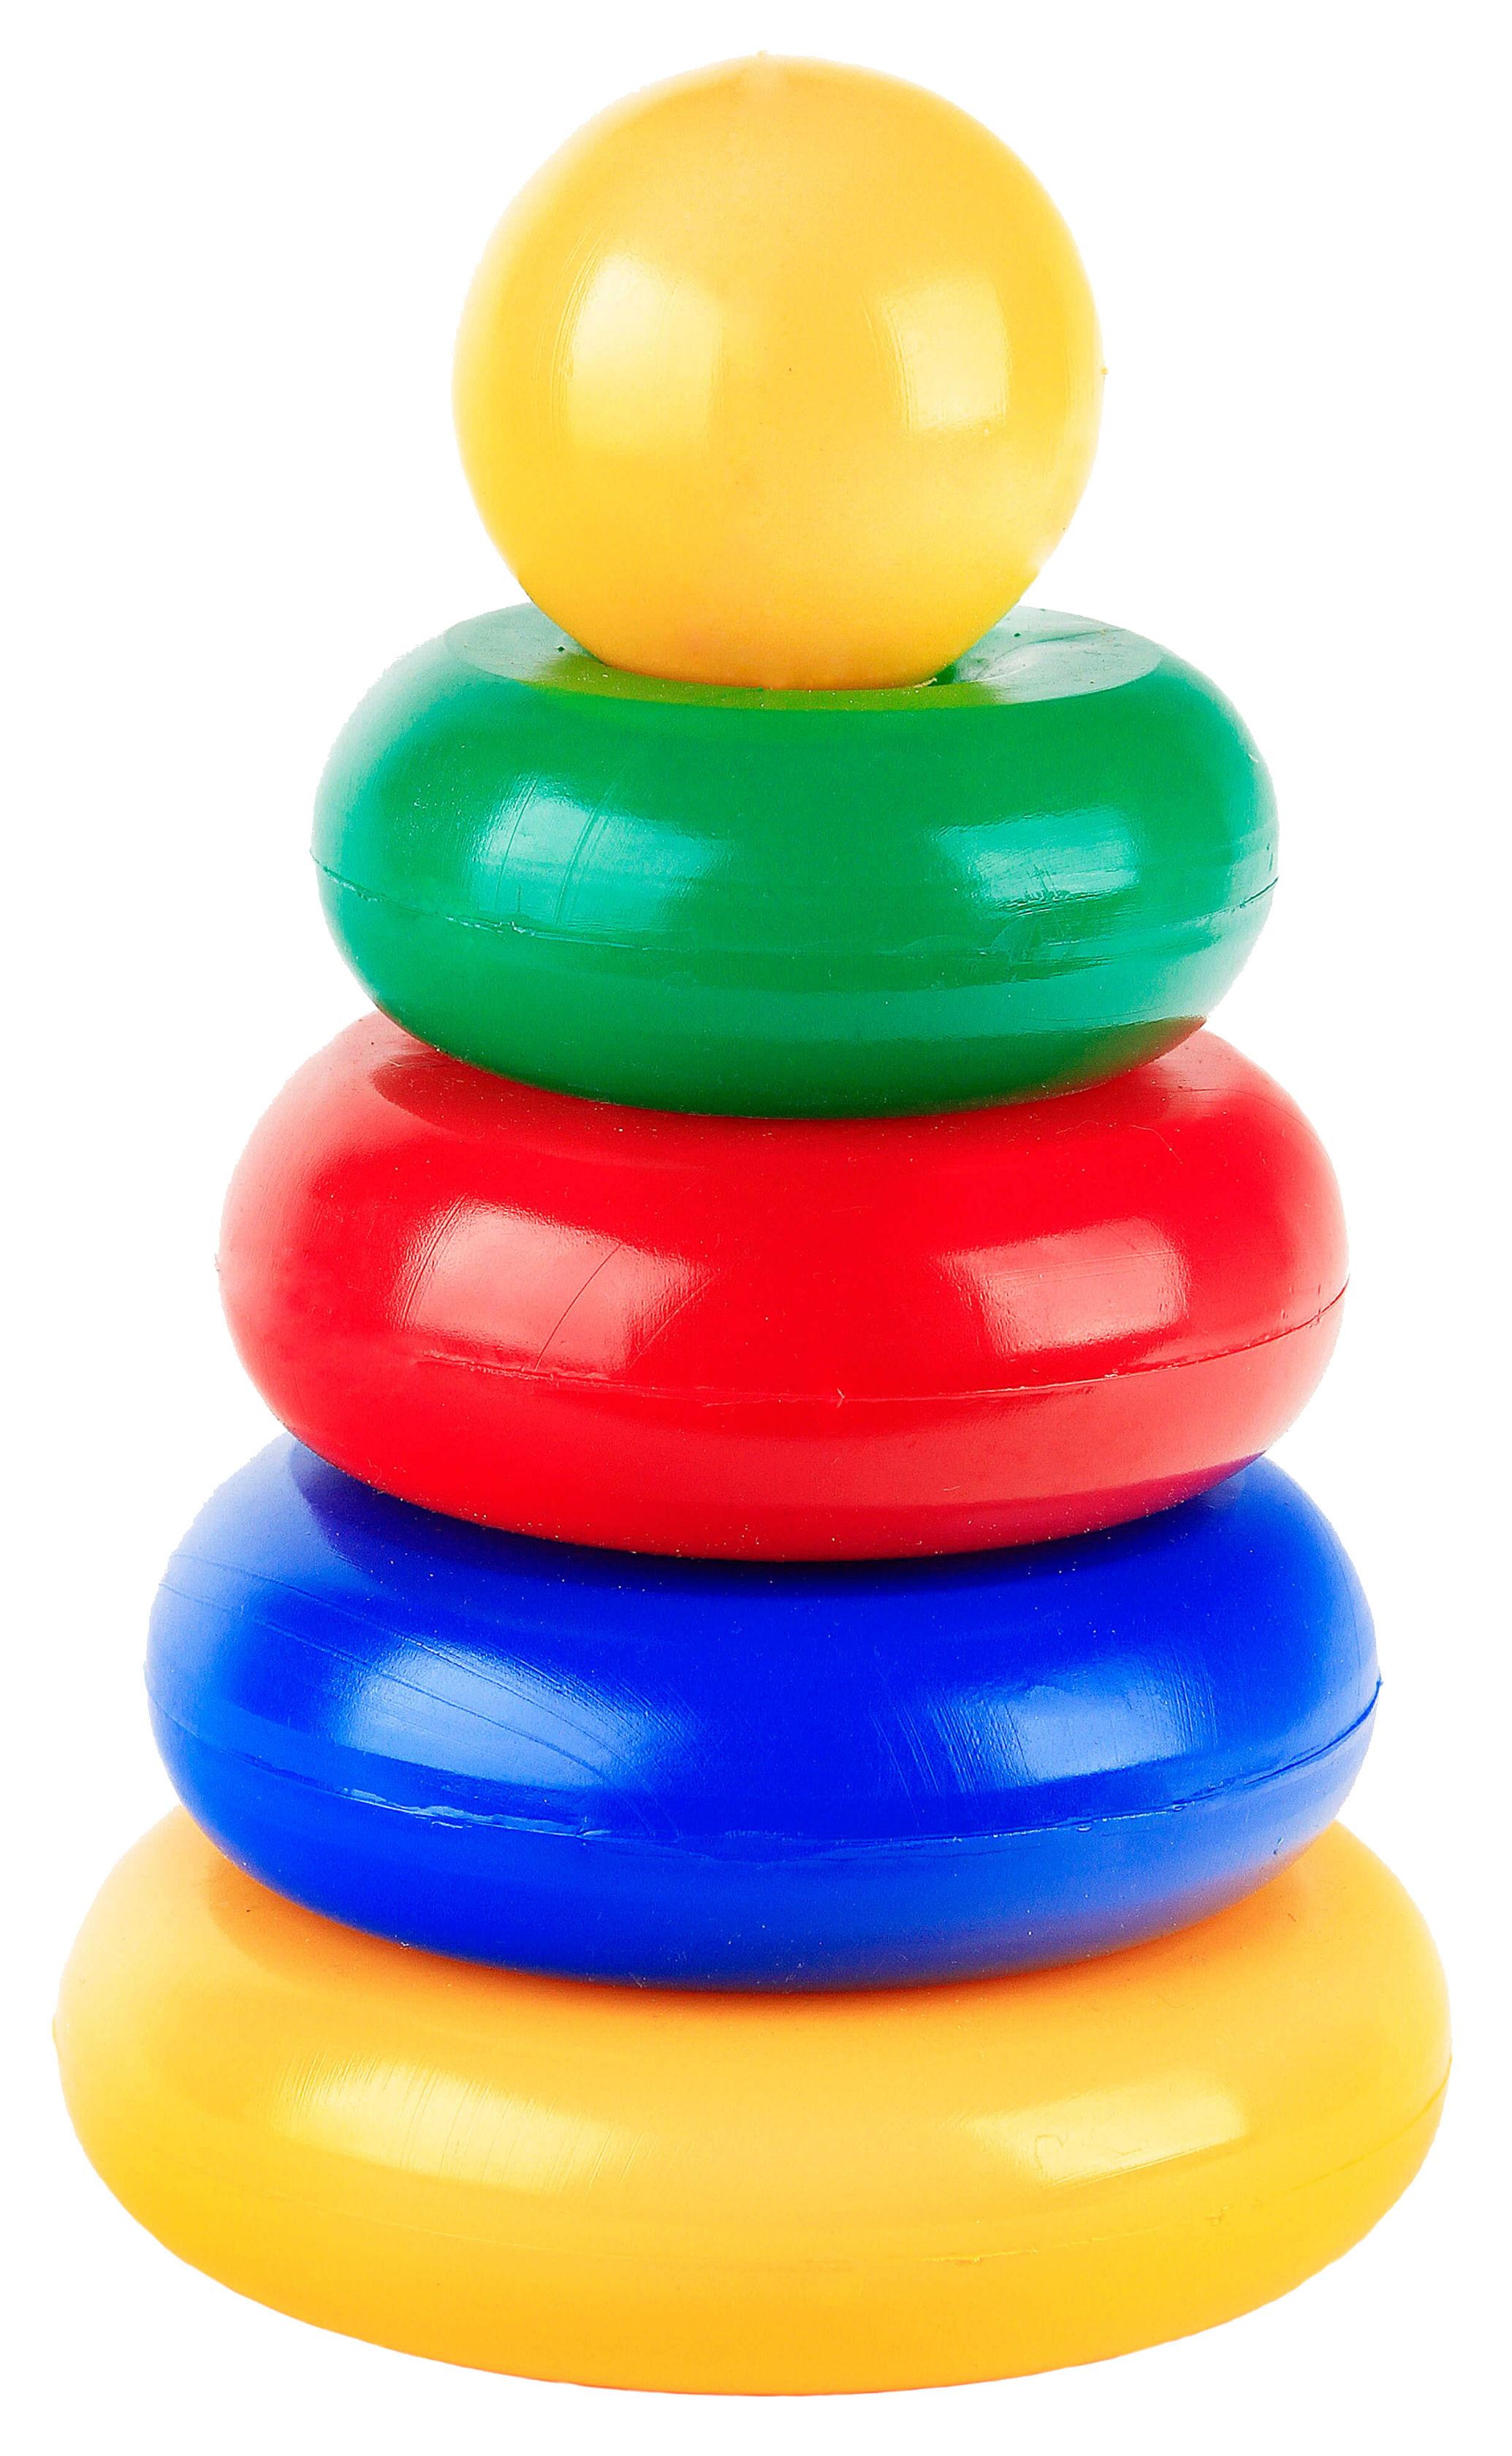 картинка Развивающая игрушка Счастливое детство Маленькая пирамидка Шар от магазина Bebikam.ru